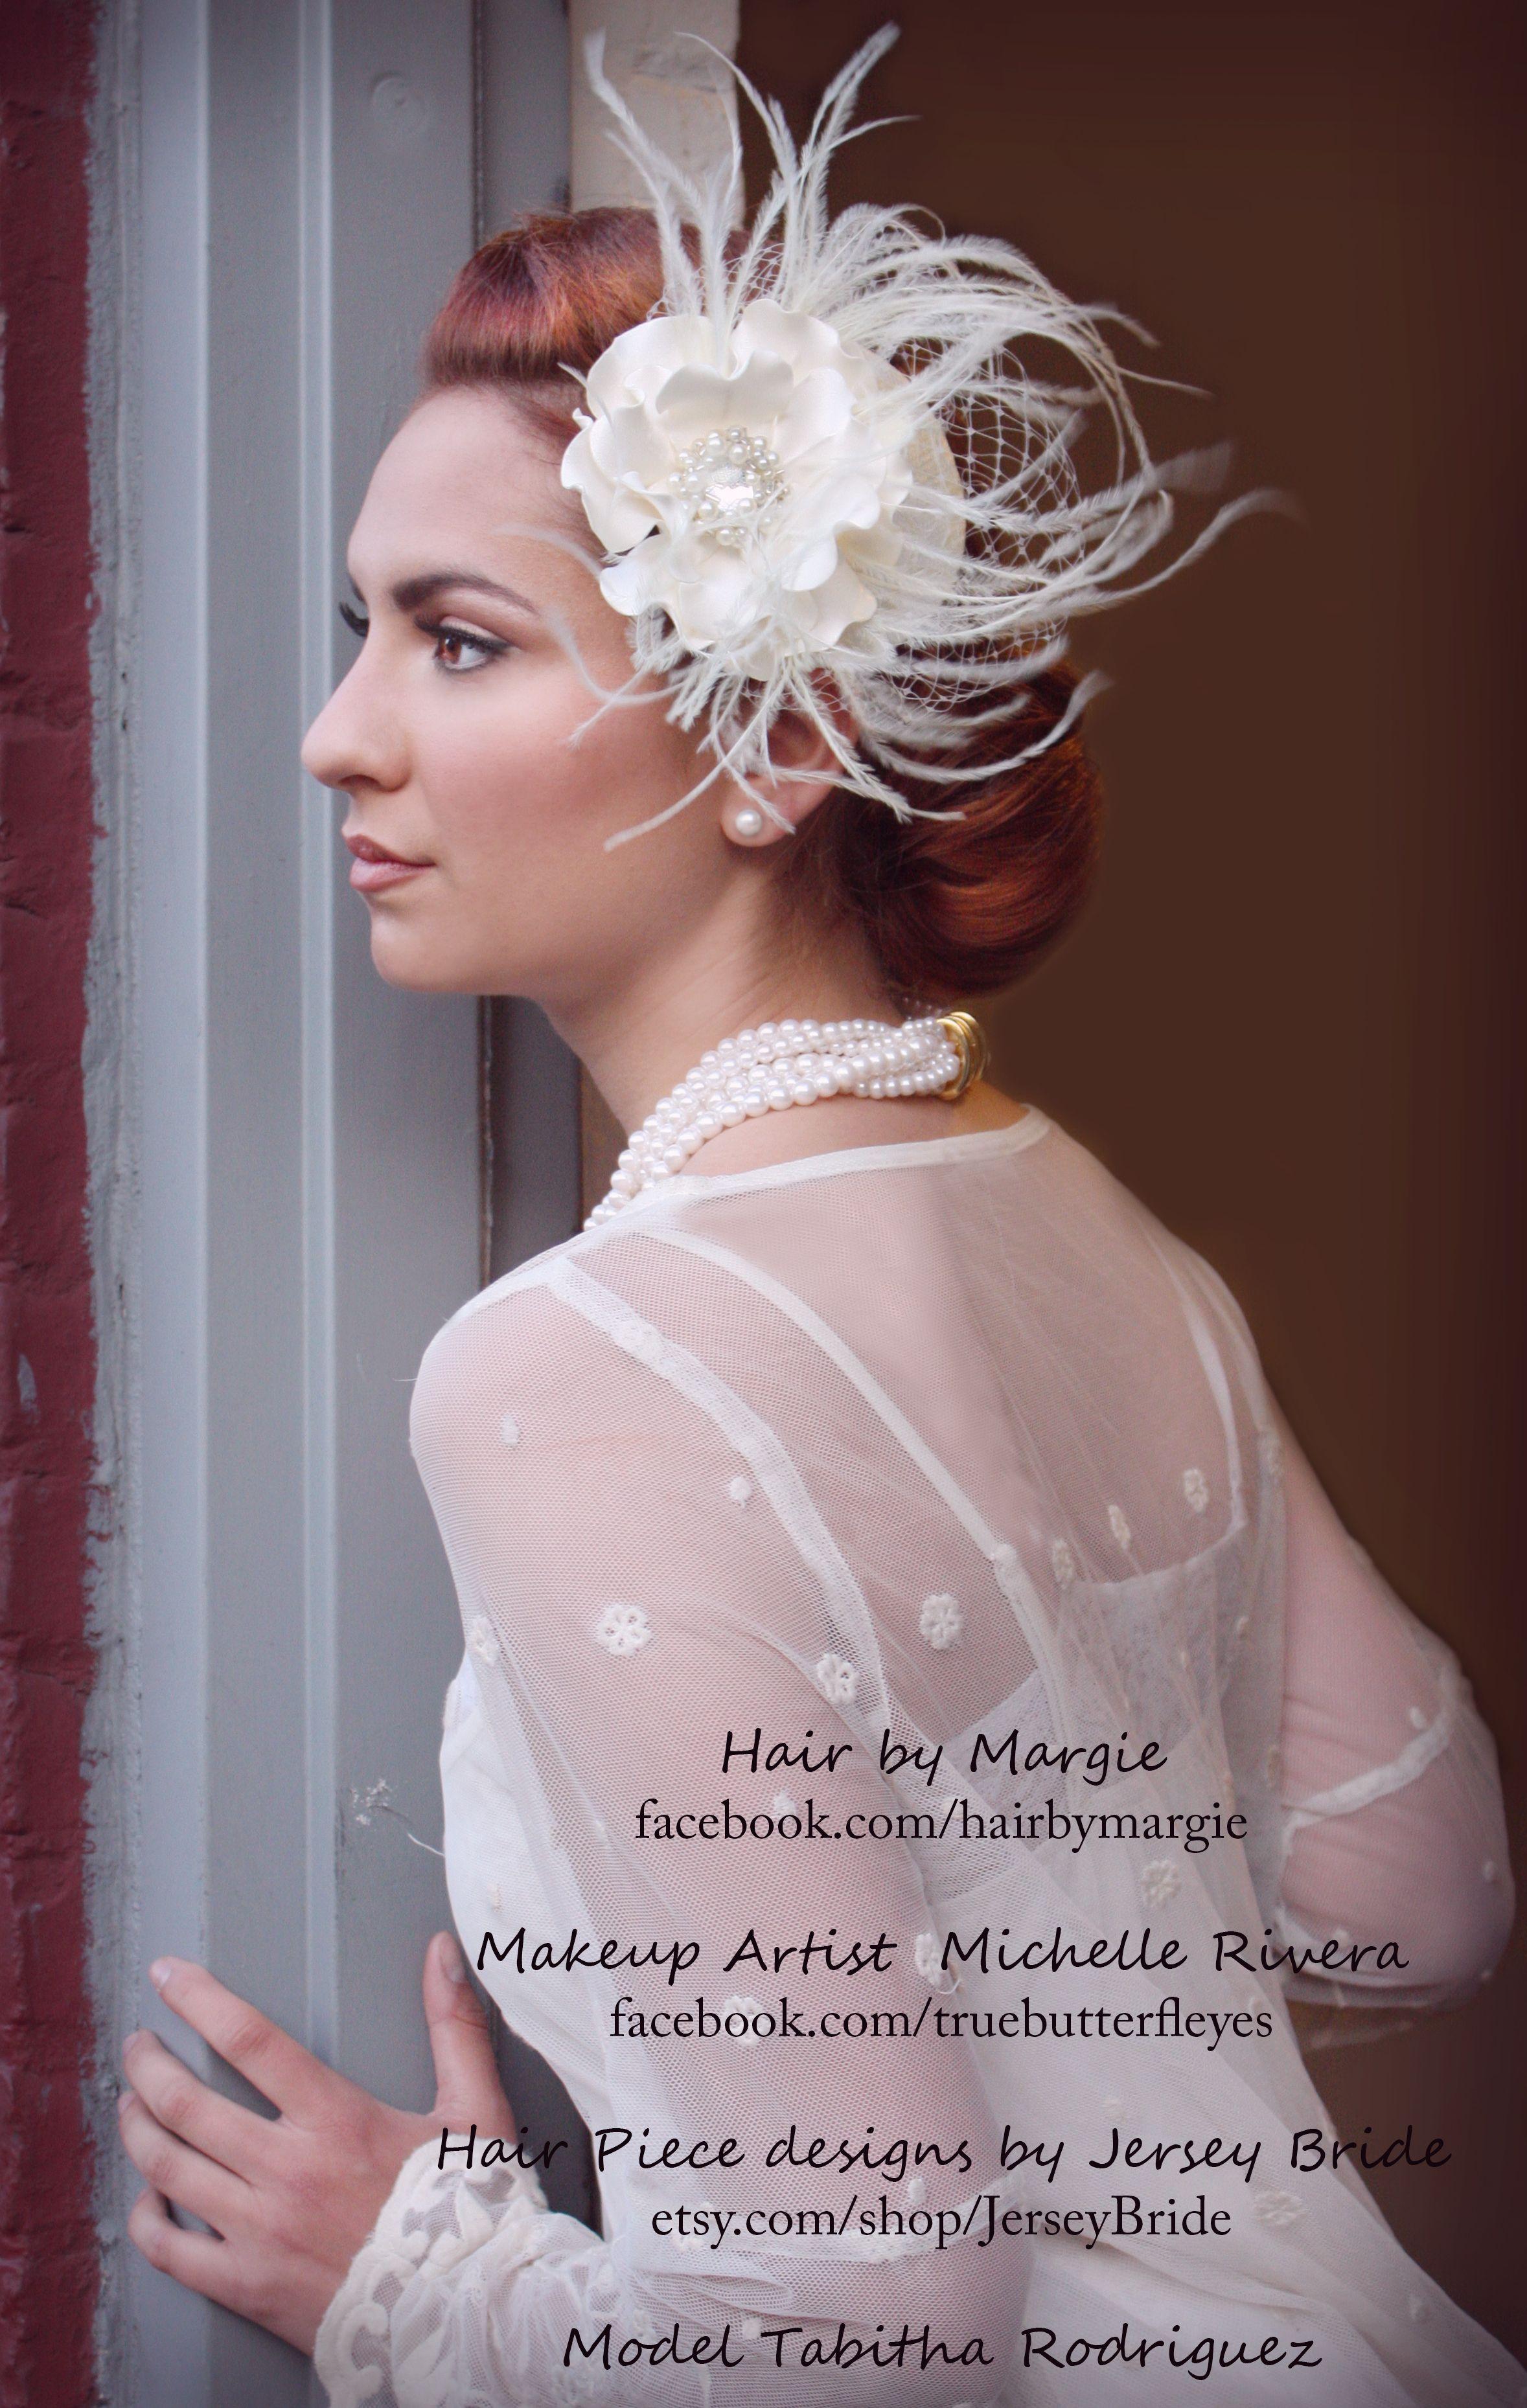 hair facebook/hairbymargie makeup facebook